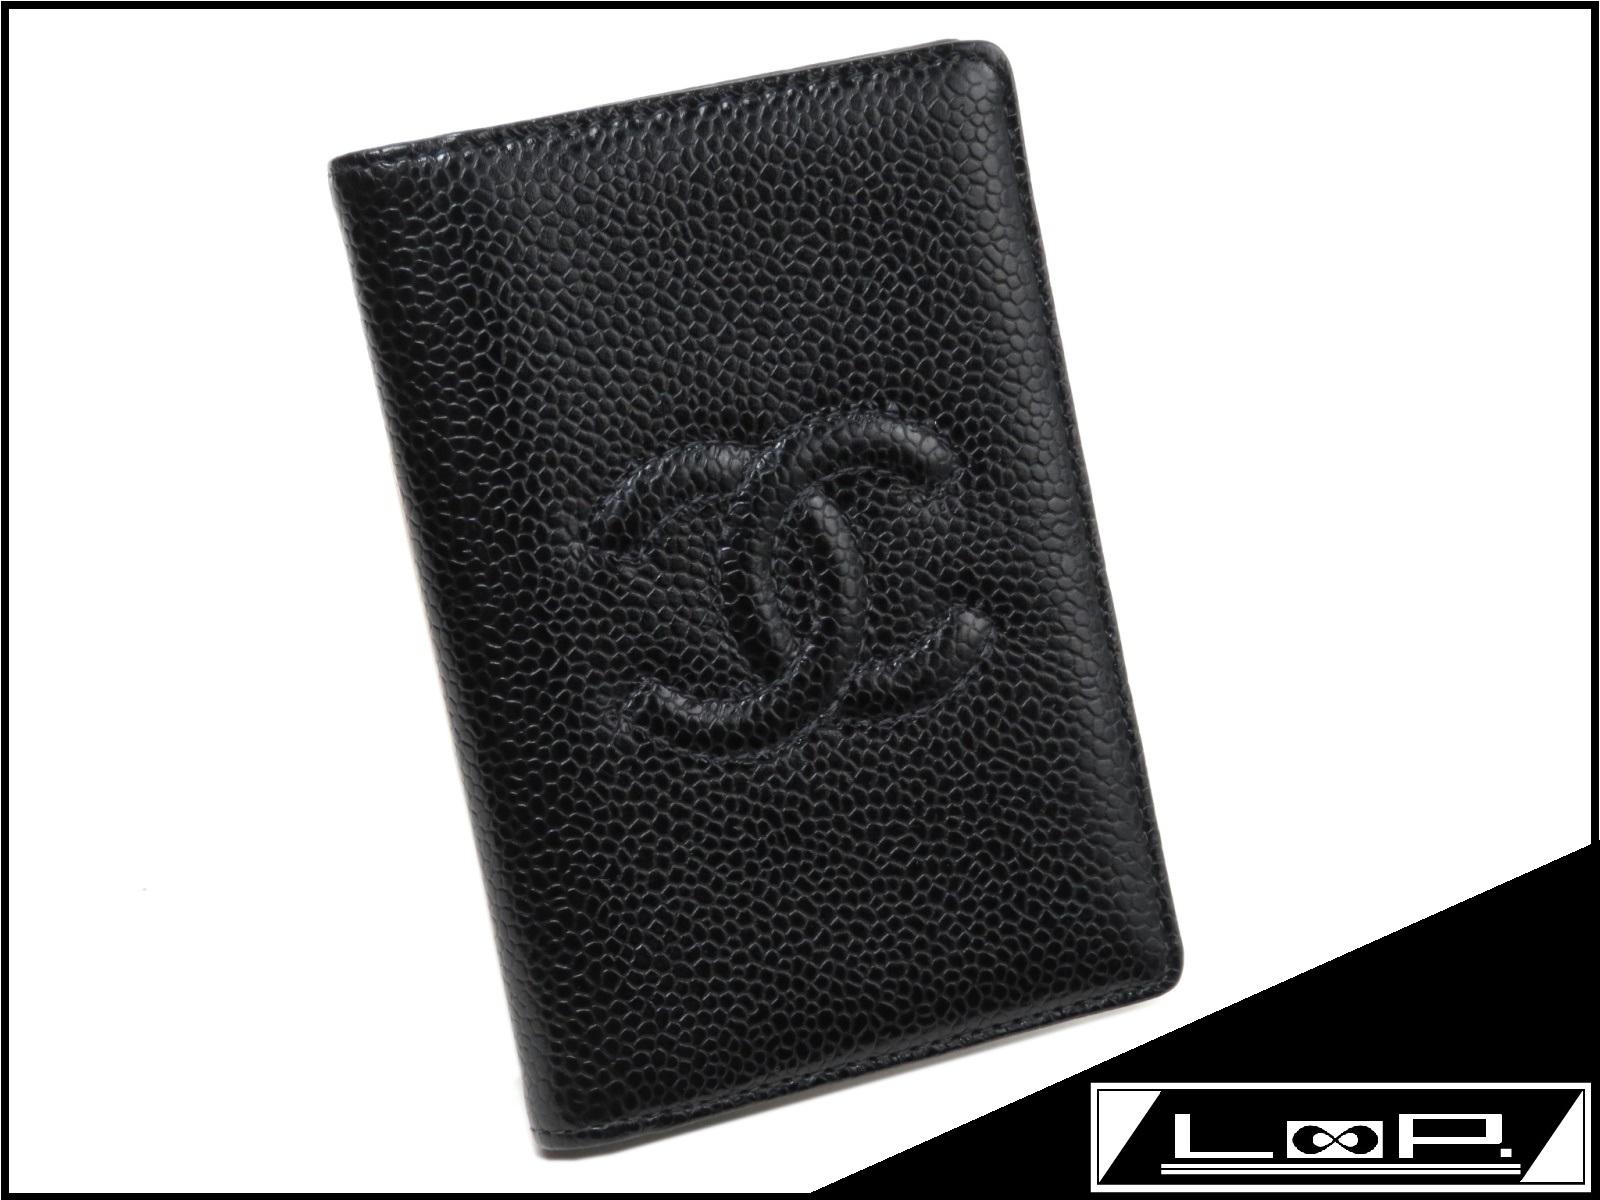 【美品】 CHANEL シャネル ココ カード ケース パス ケース 定期 入れ 財布 類 キャビア スキン ブラック 黒 クロ 【A21477】 【中古】